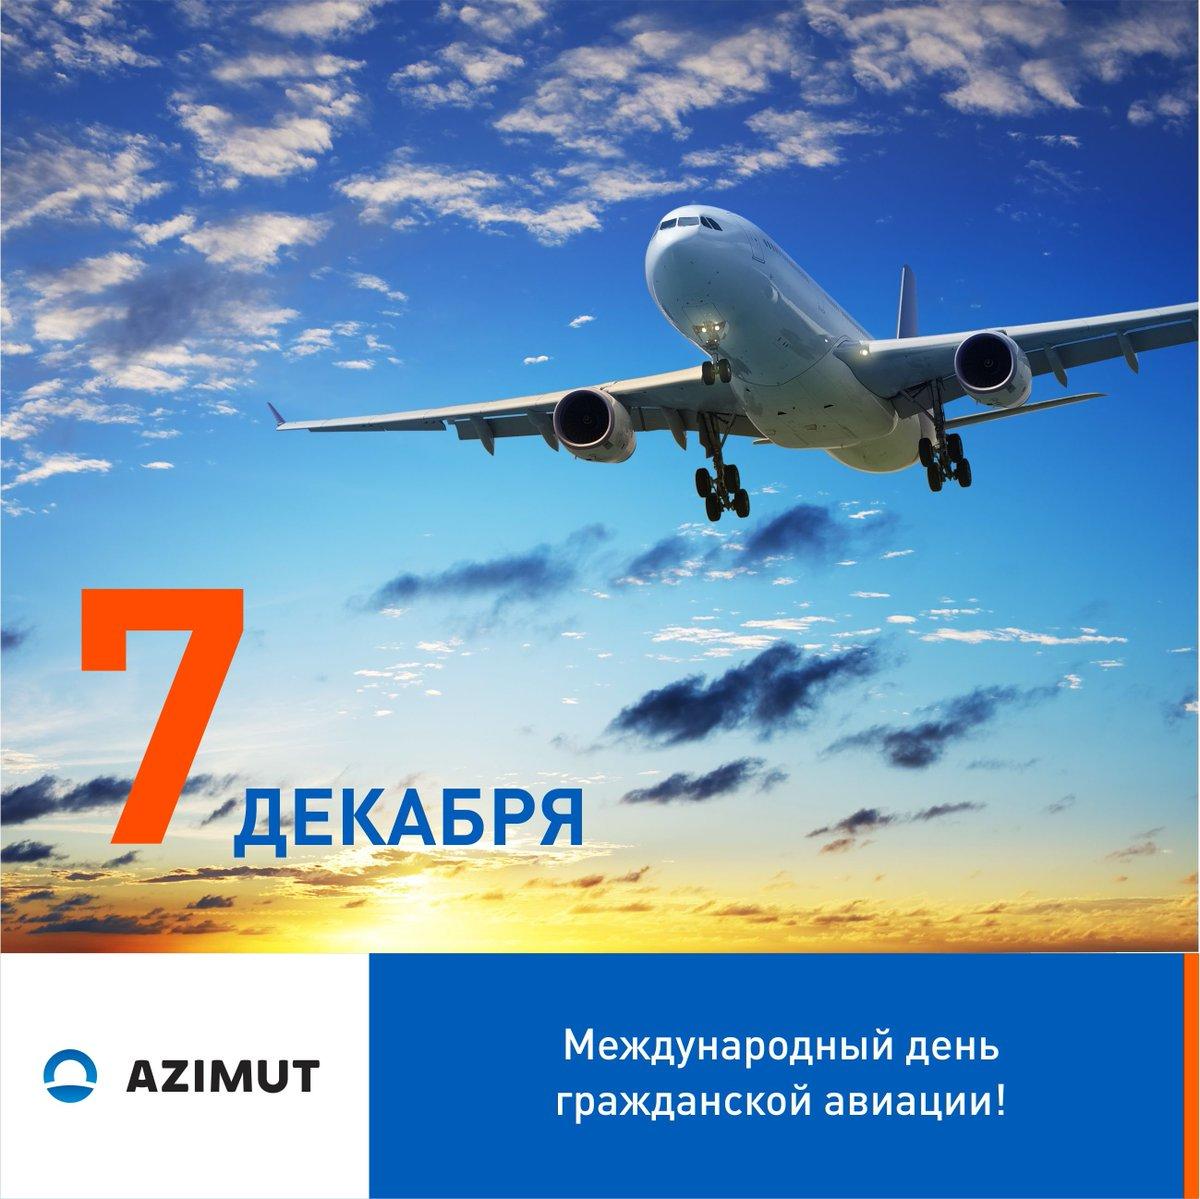 Поздравляем с Международным днем гражданской авиации! https://t.co/VborEfn6qL #AZIMUT #авиация #безопасностьполетов https://t.co/WPStObUMAr